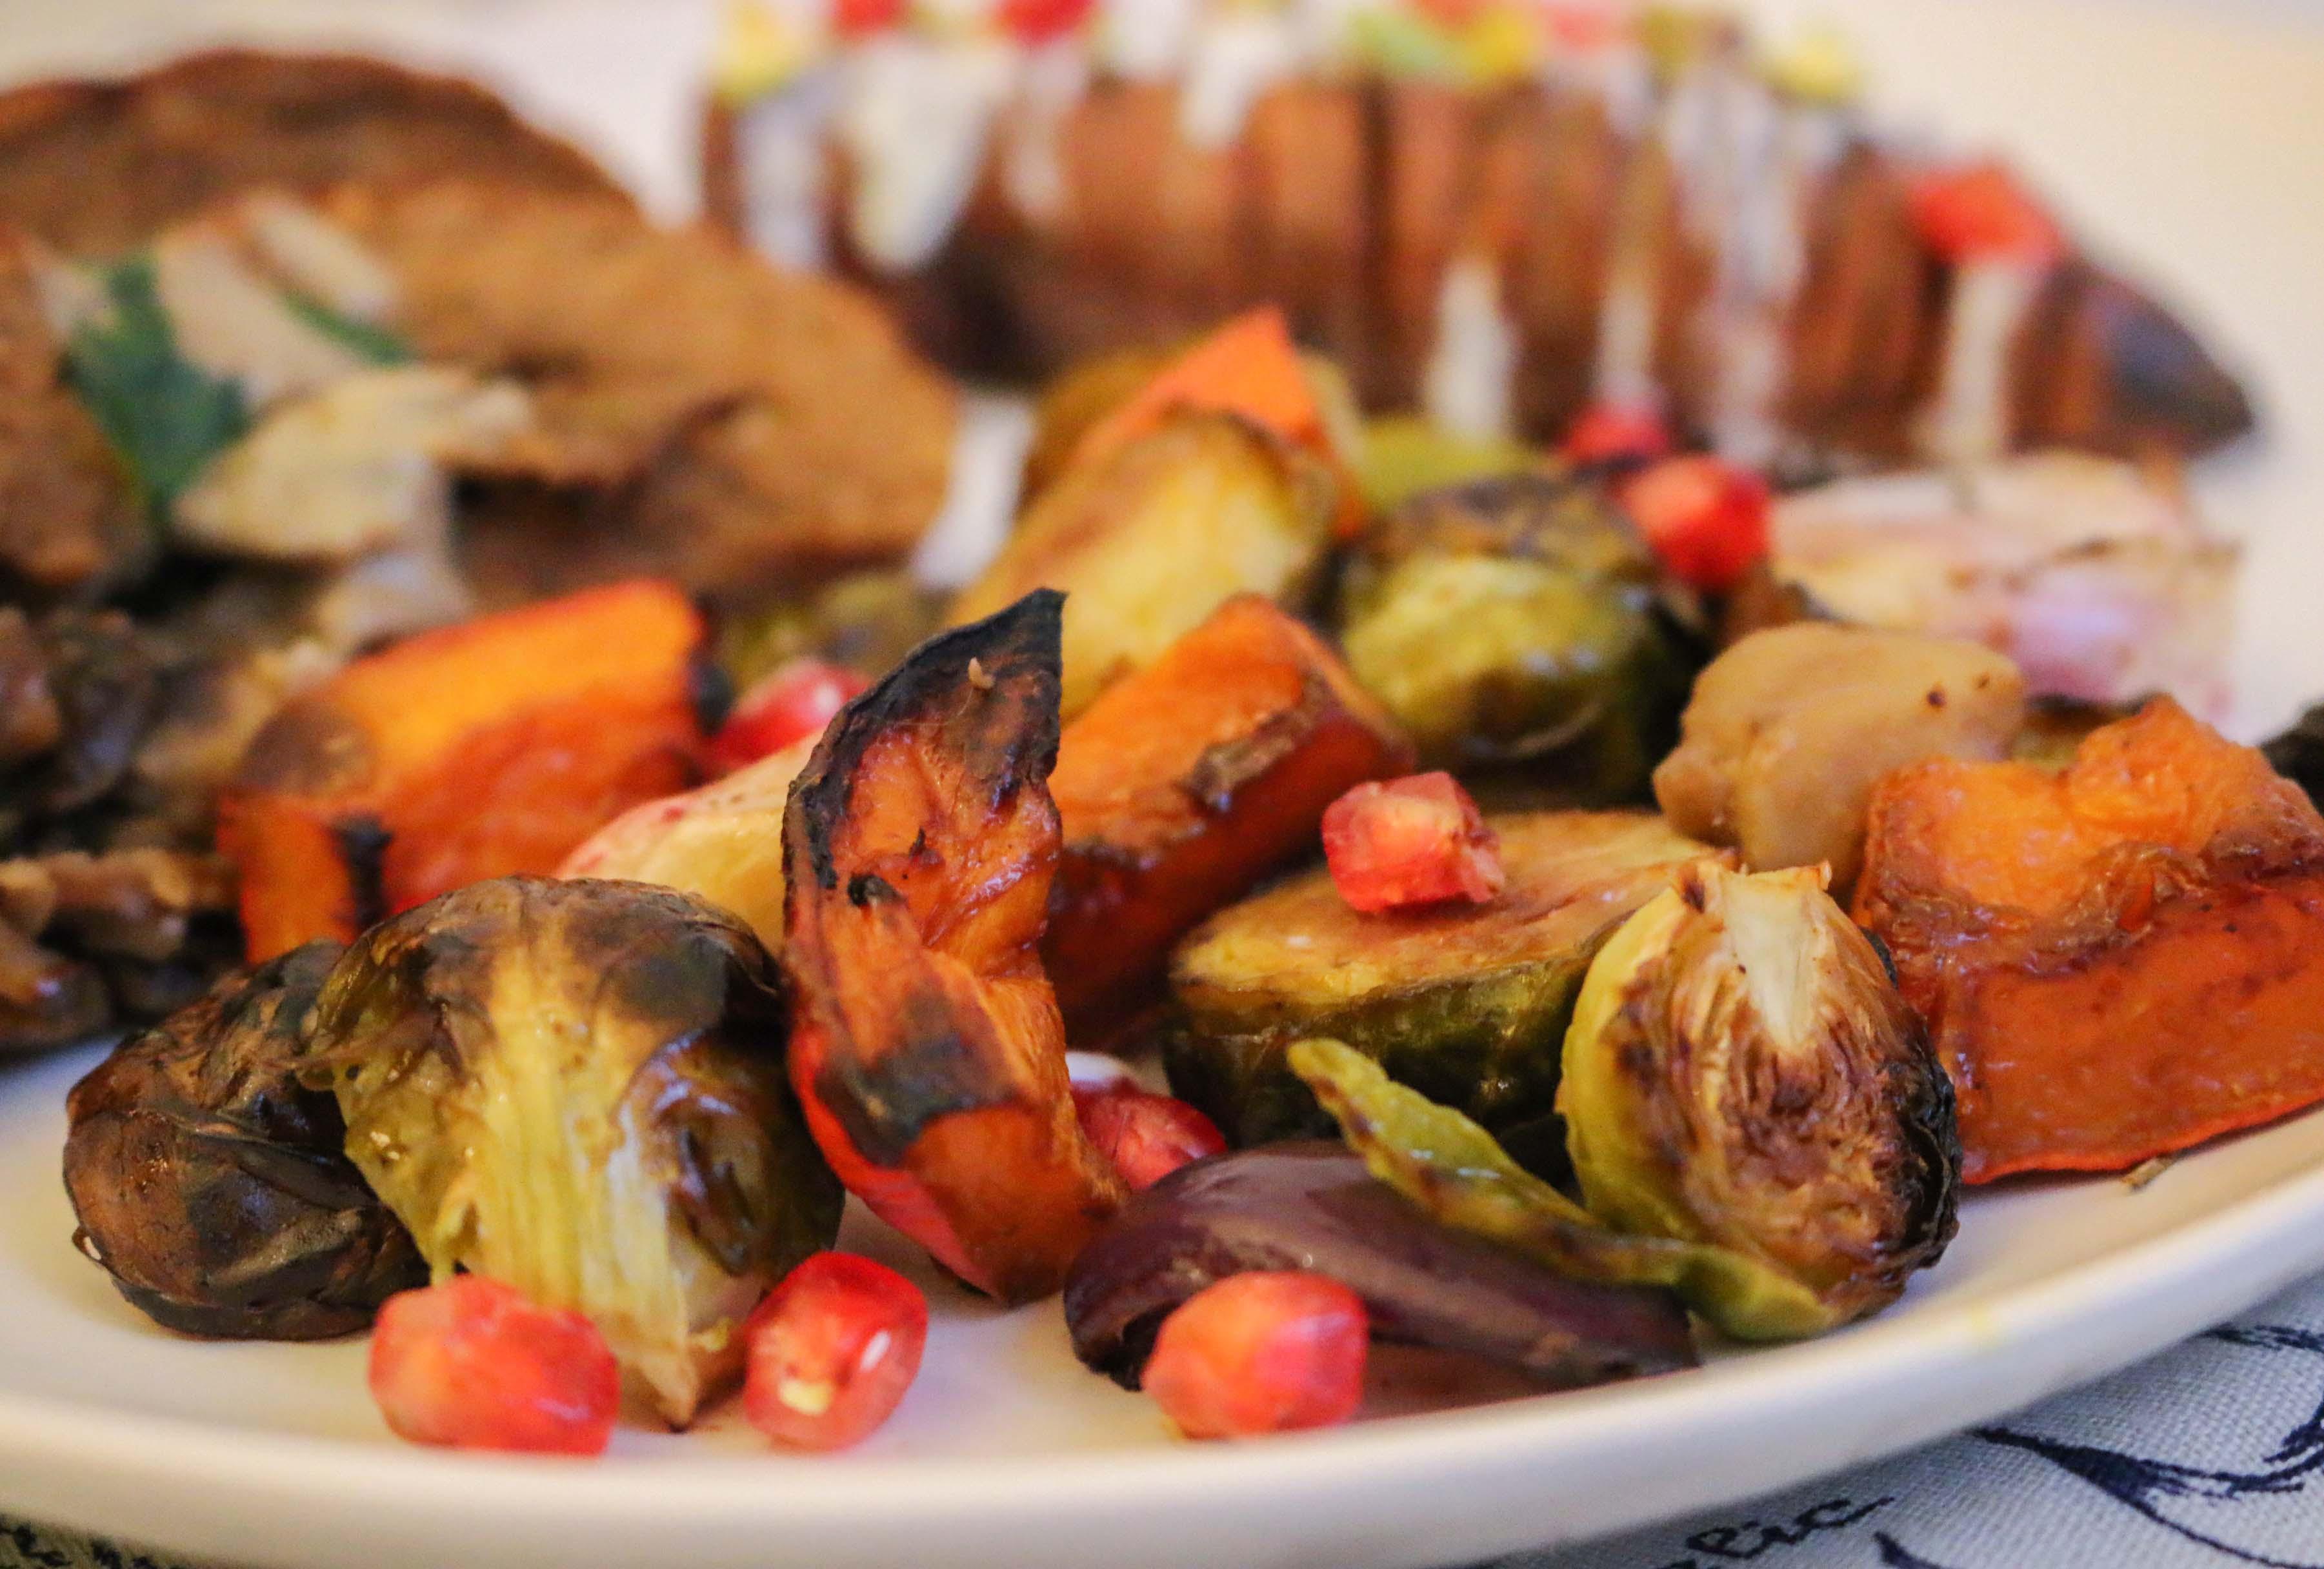 rôti de Noël seitan, tofu fumé, légumes grillés, patate douce hasselback - recette végane